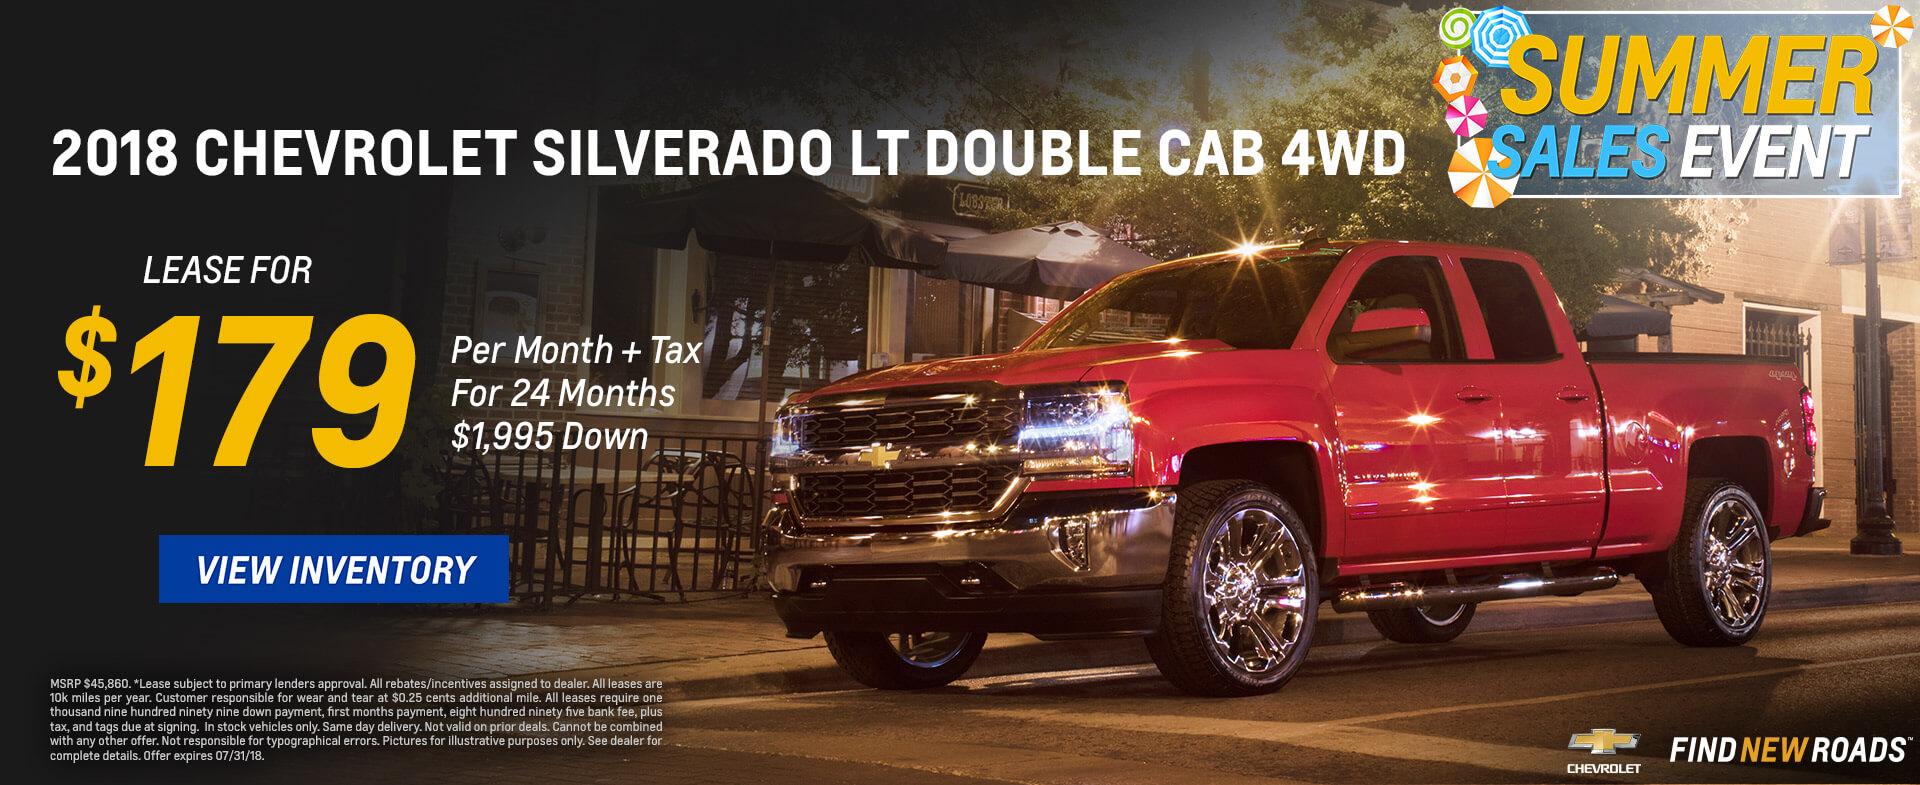 Chevrolet Silverado $179 Lease